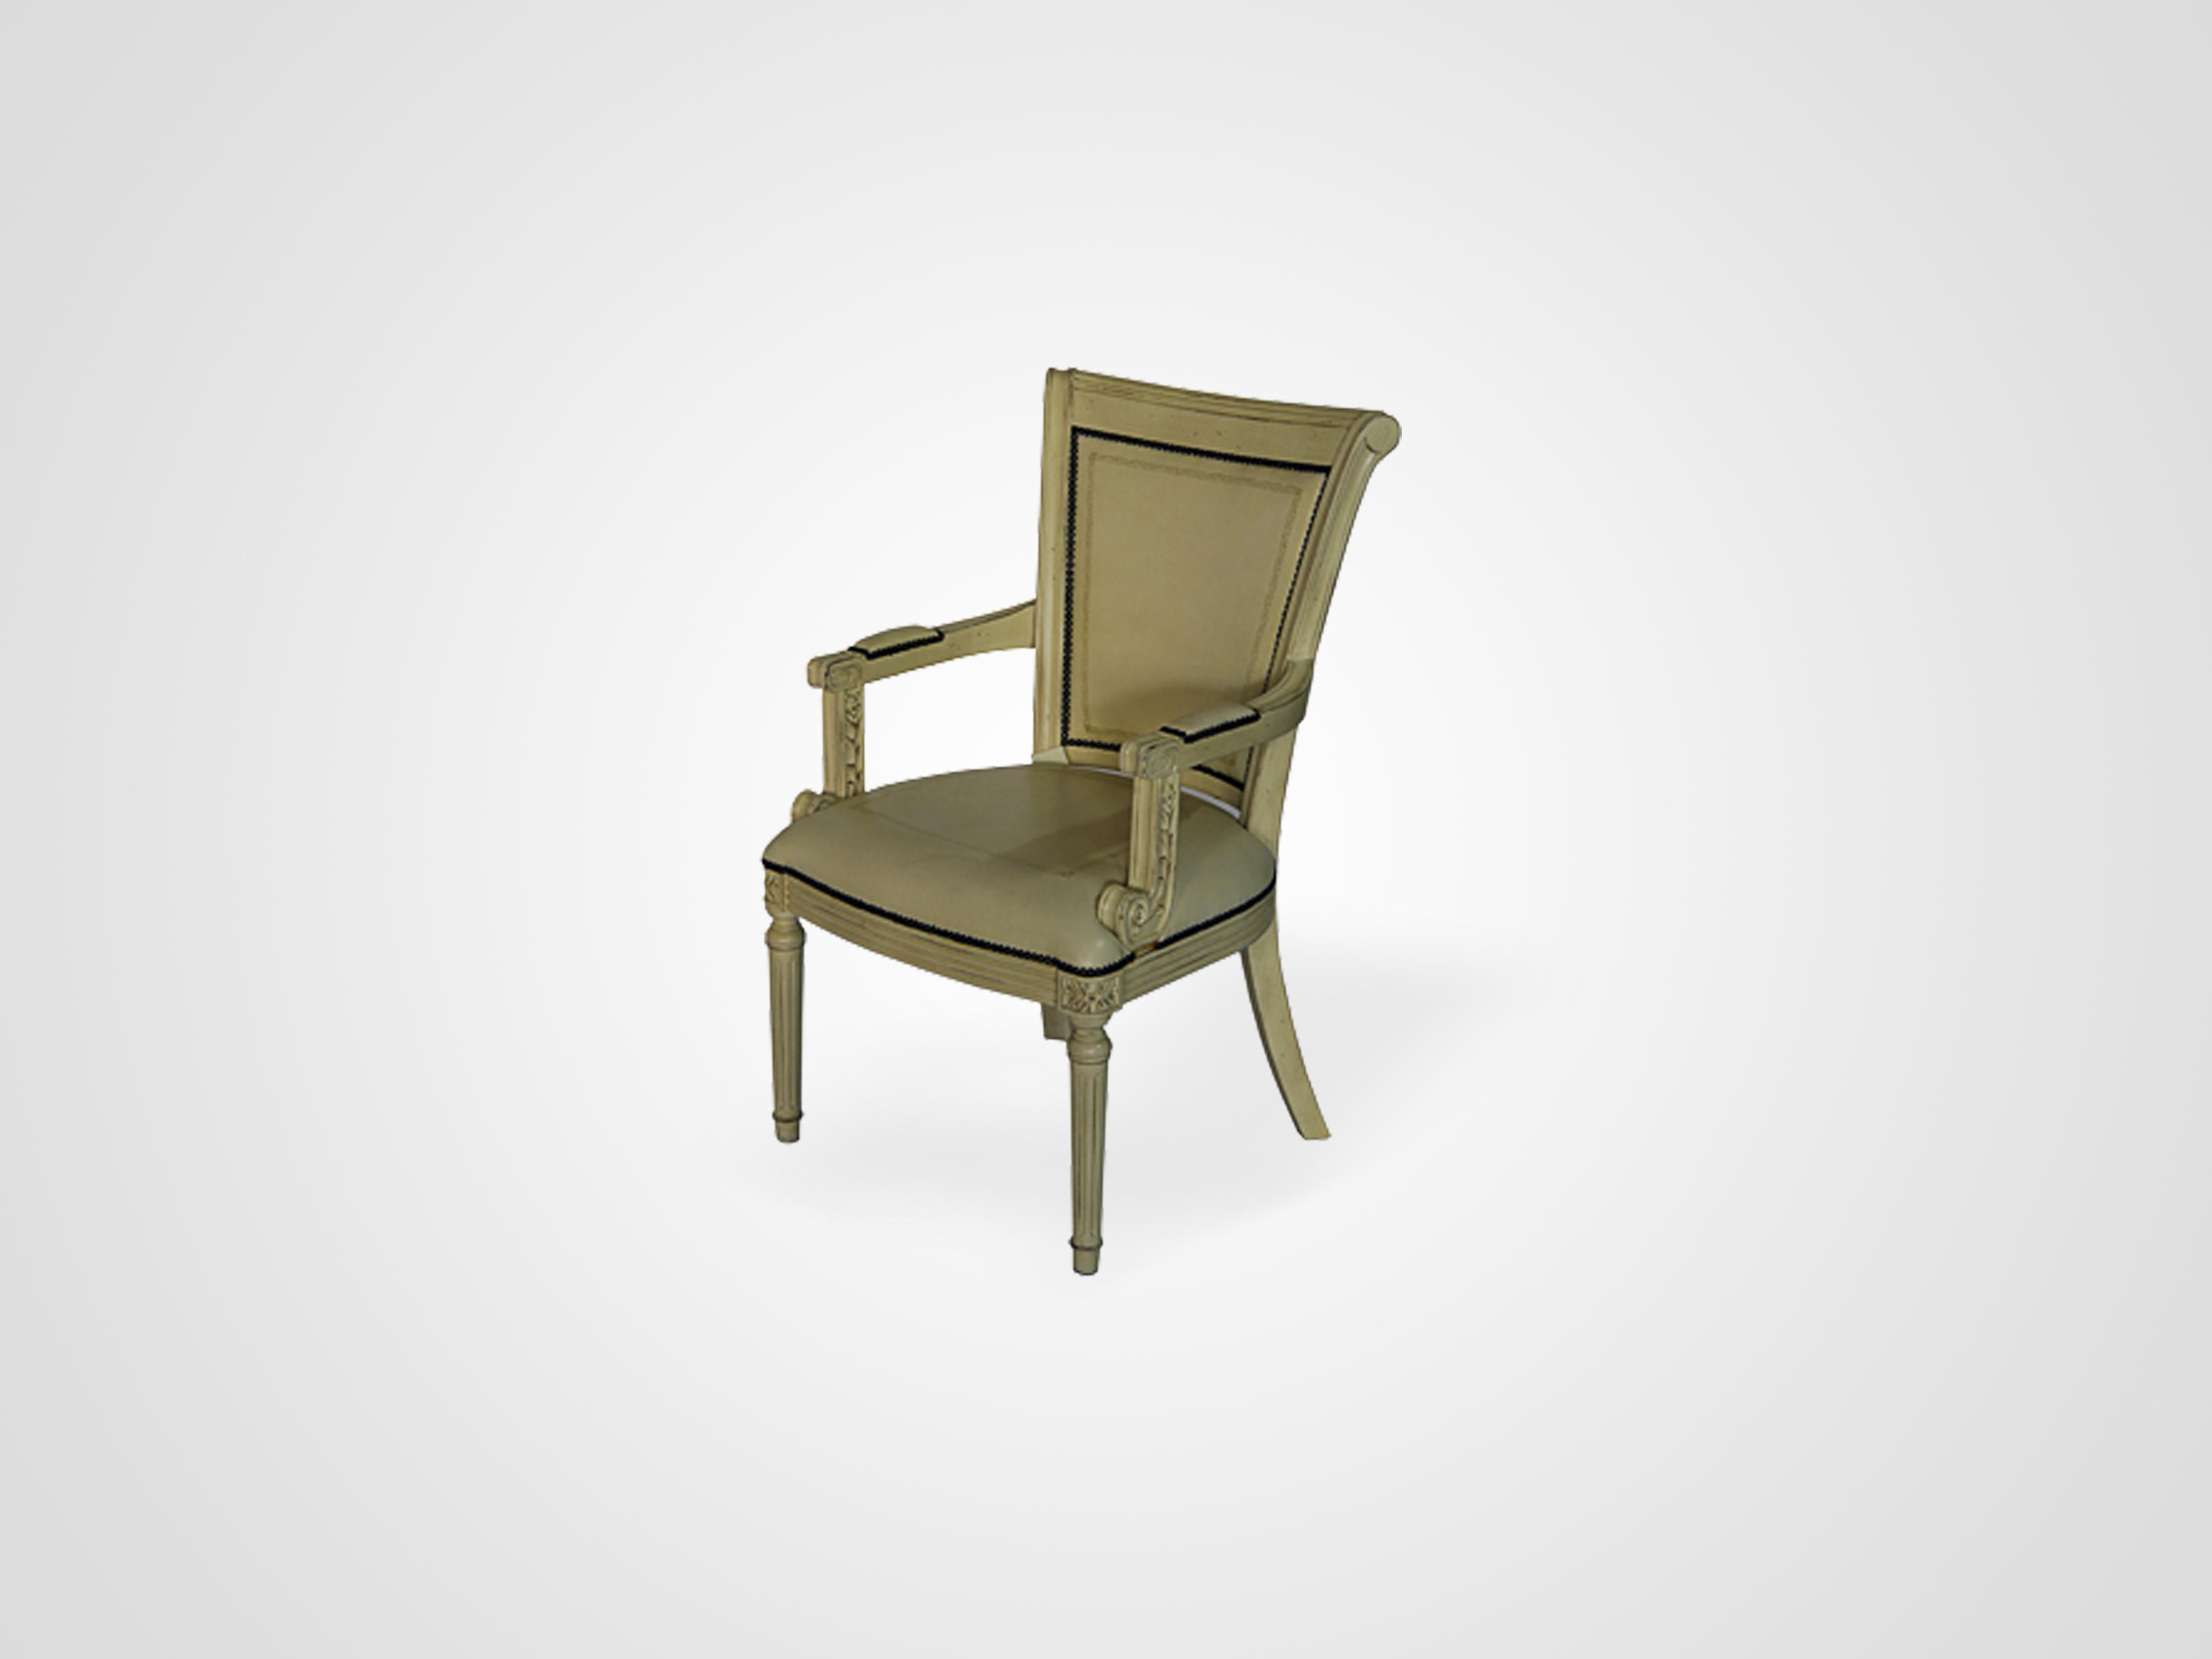 Купить со скидкой Кресло из массива дерева эвкалипт с обивкой из экокожи